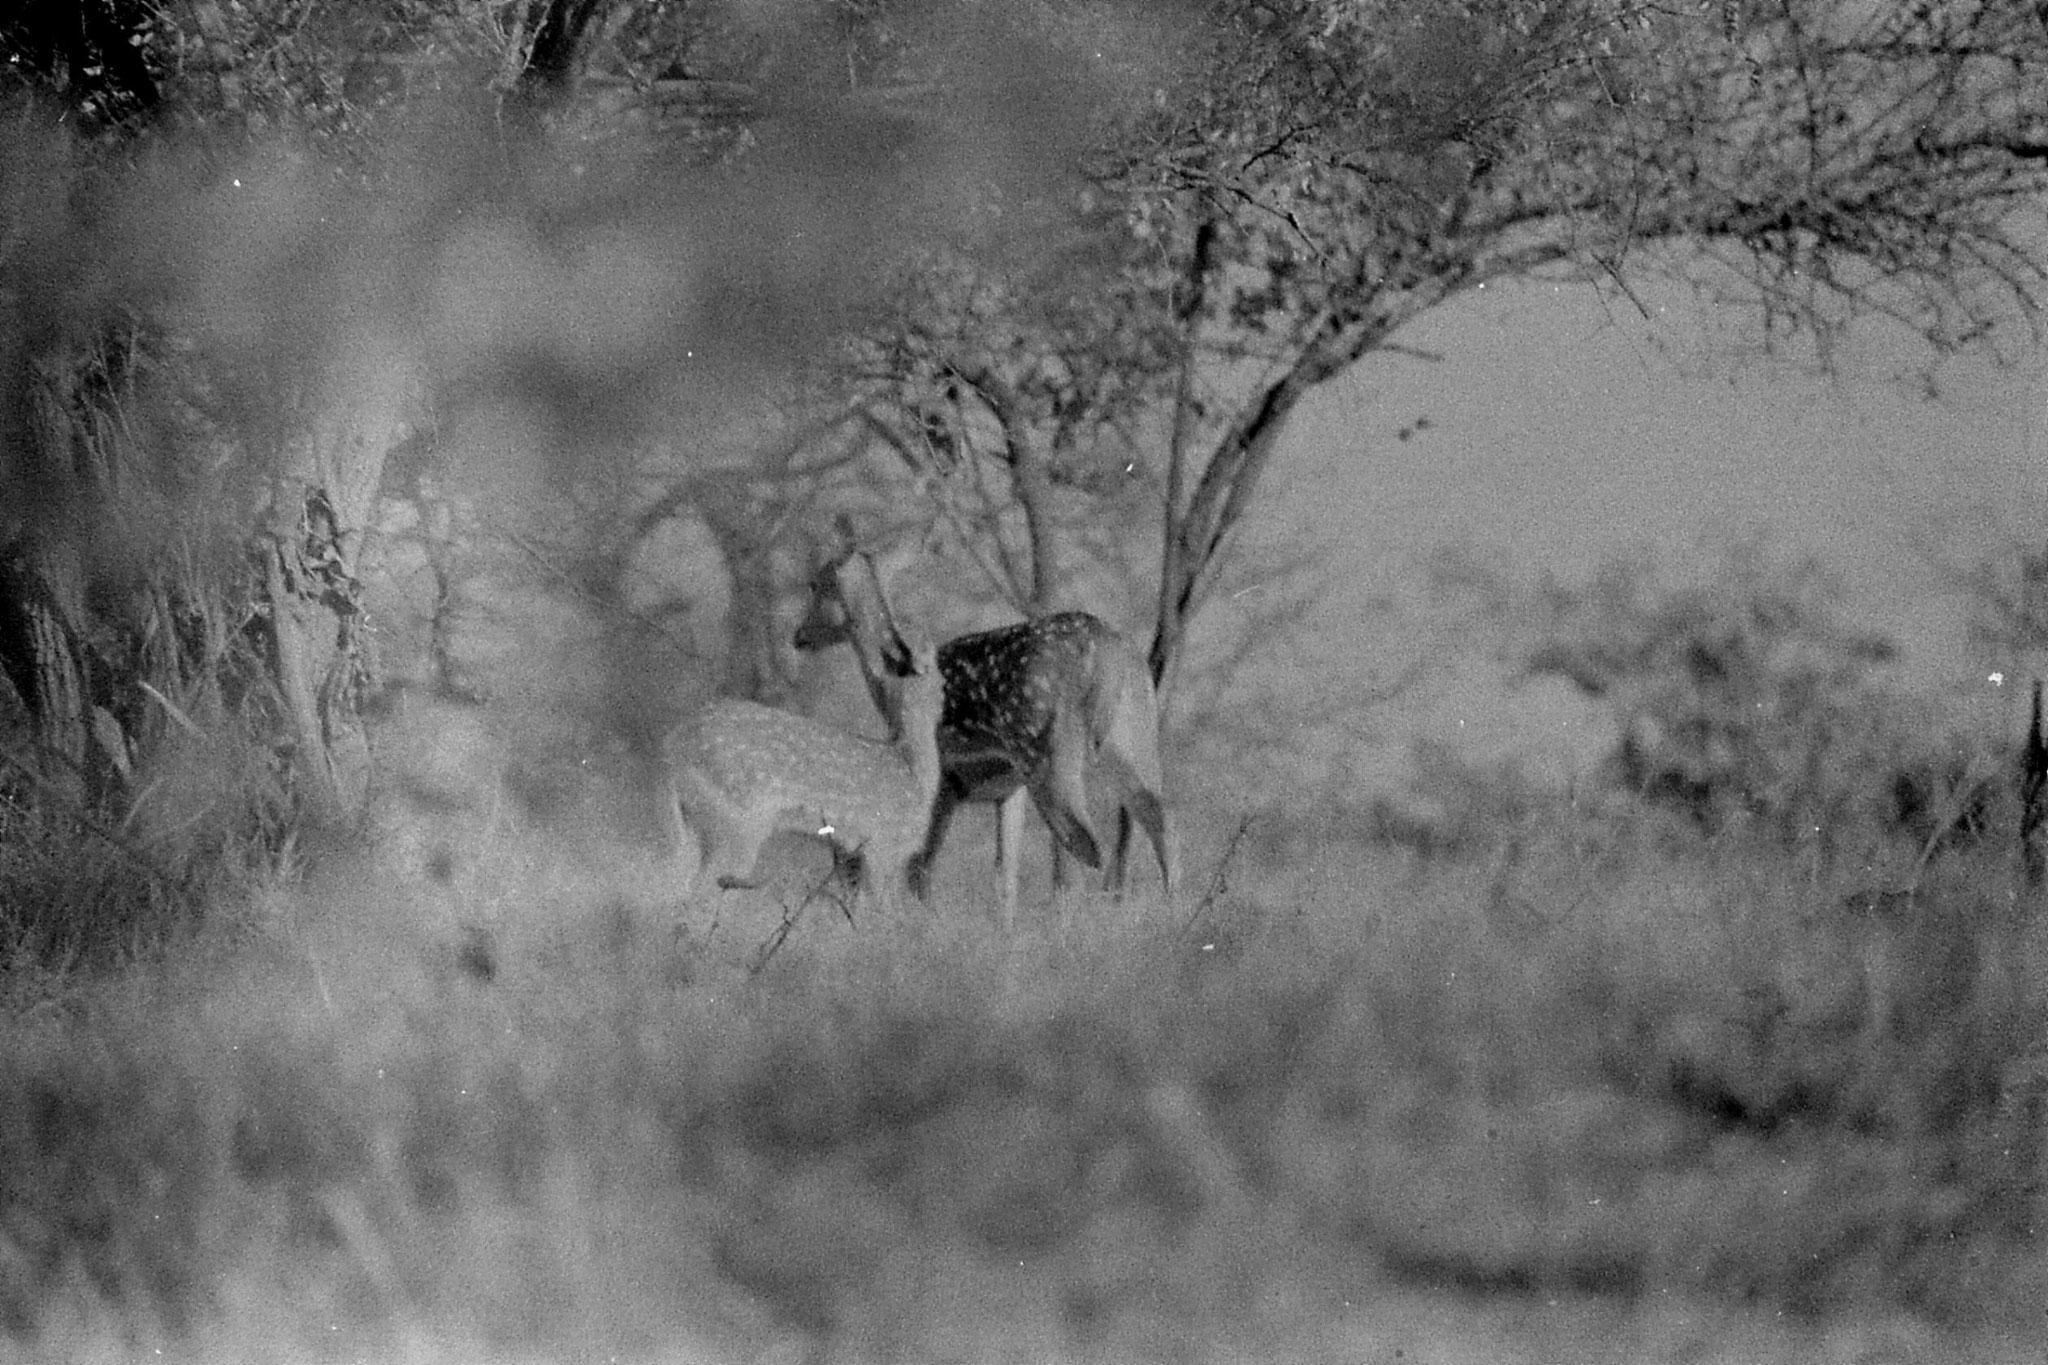 12/12/89: 2: Spotted deer